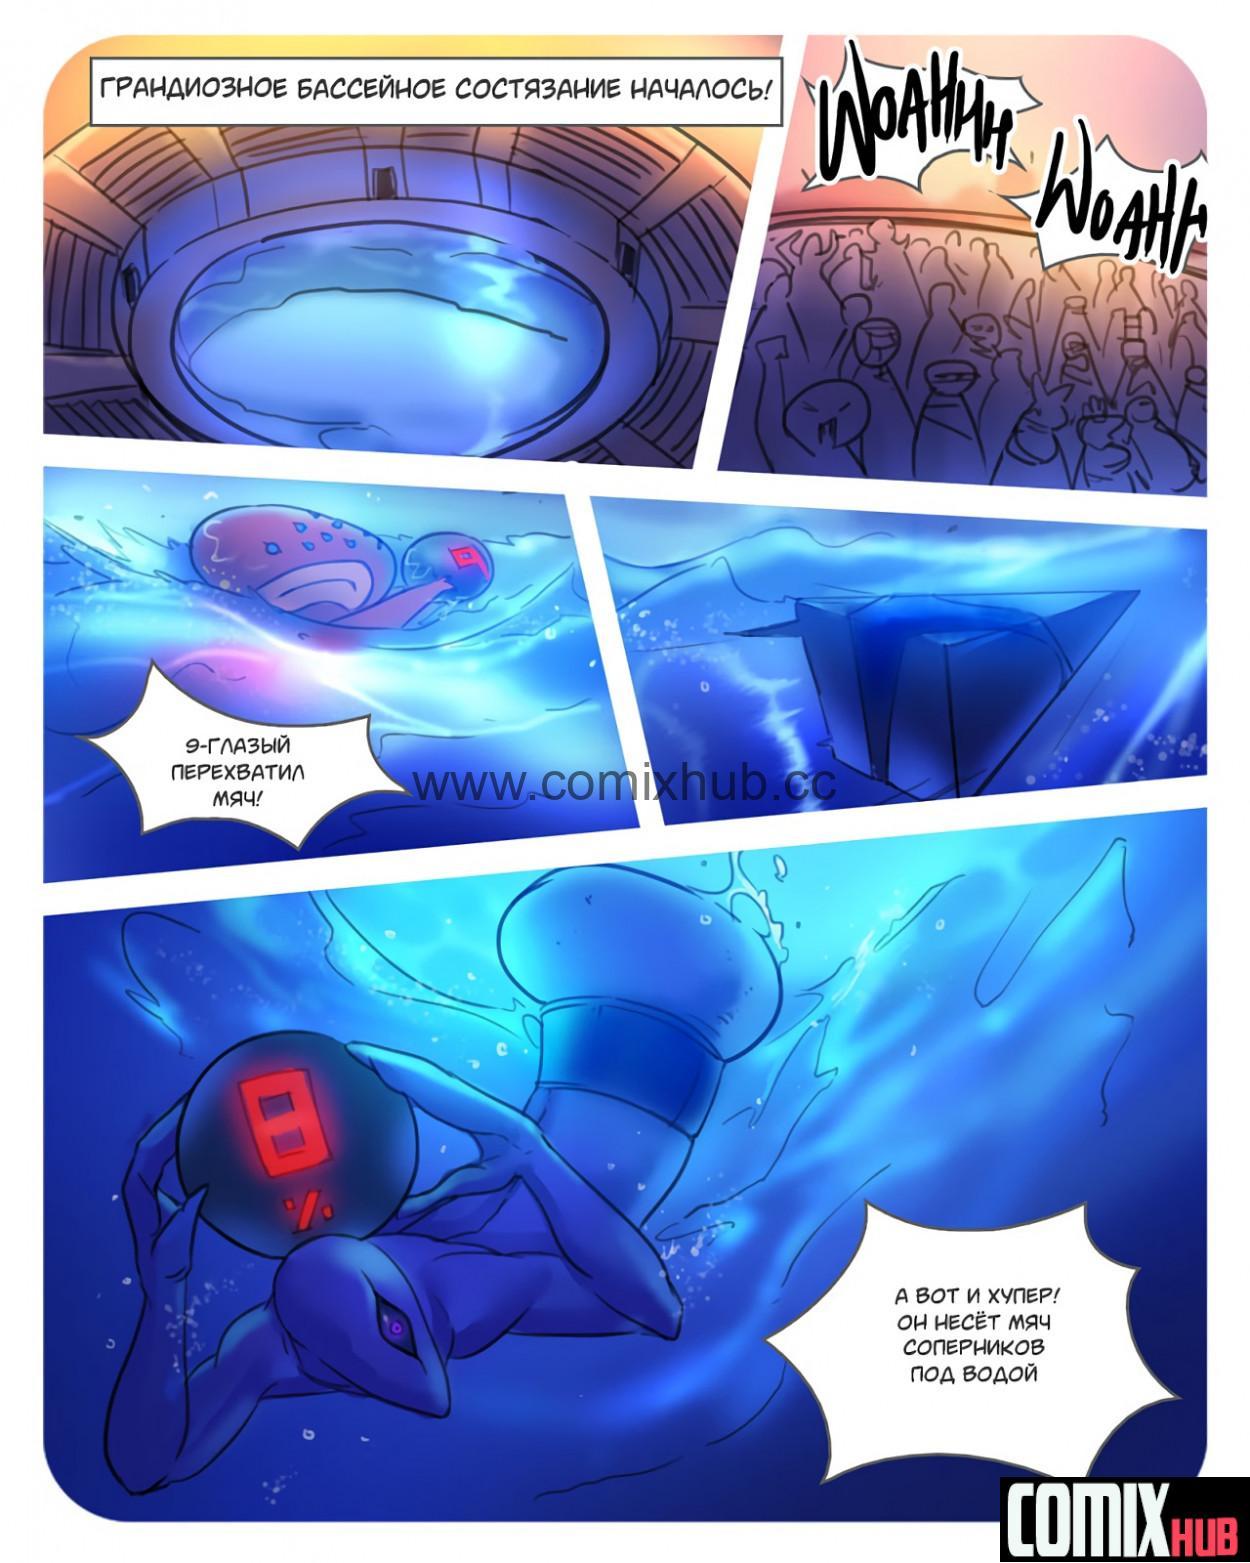 Порно комикс, Секспедиция, часть 17 Порно комиксы, Большая грудь, Минет, Монстры